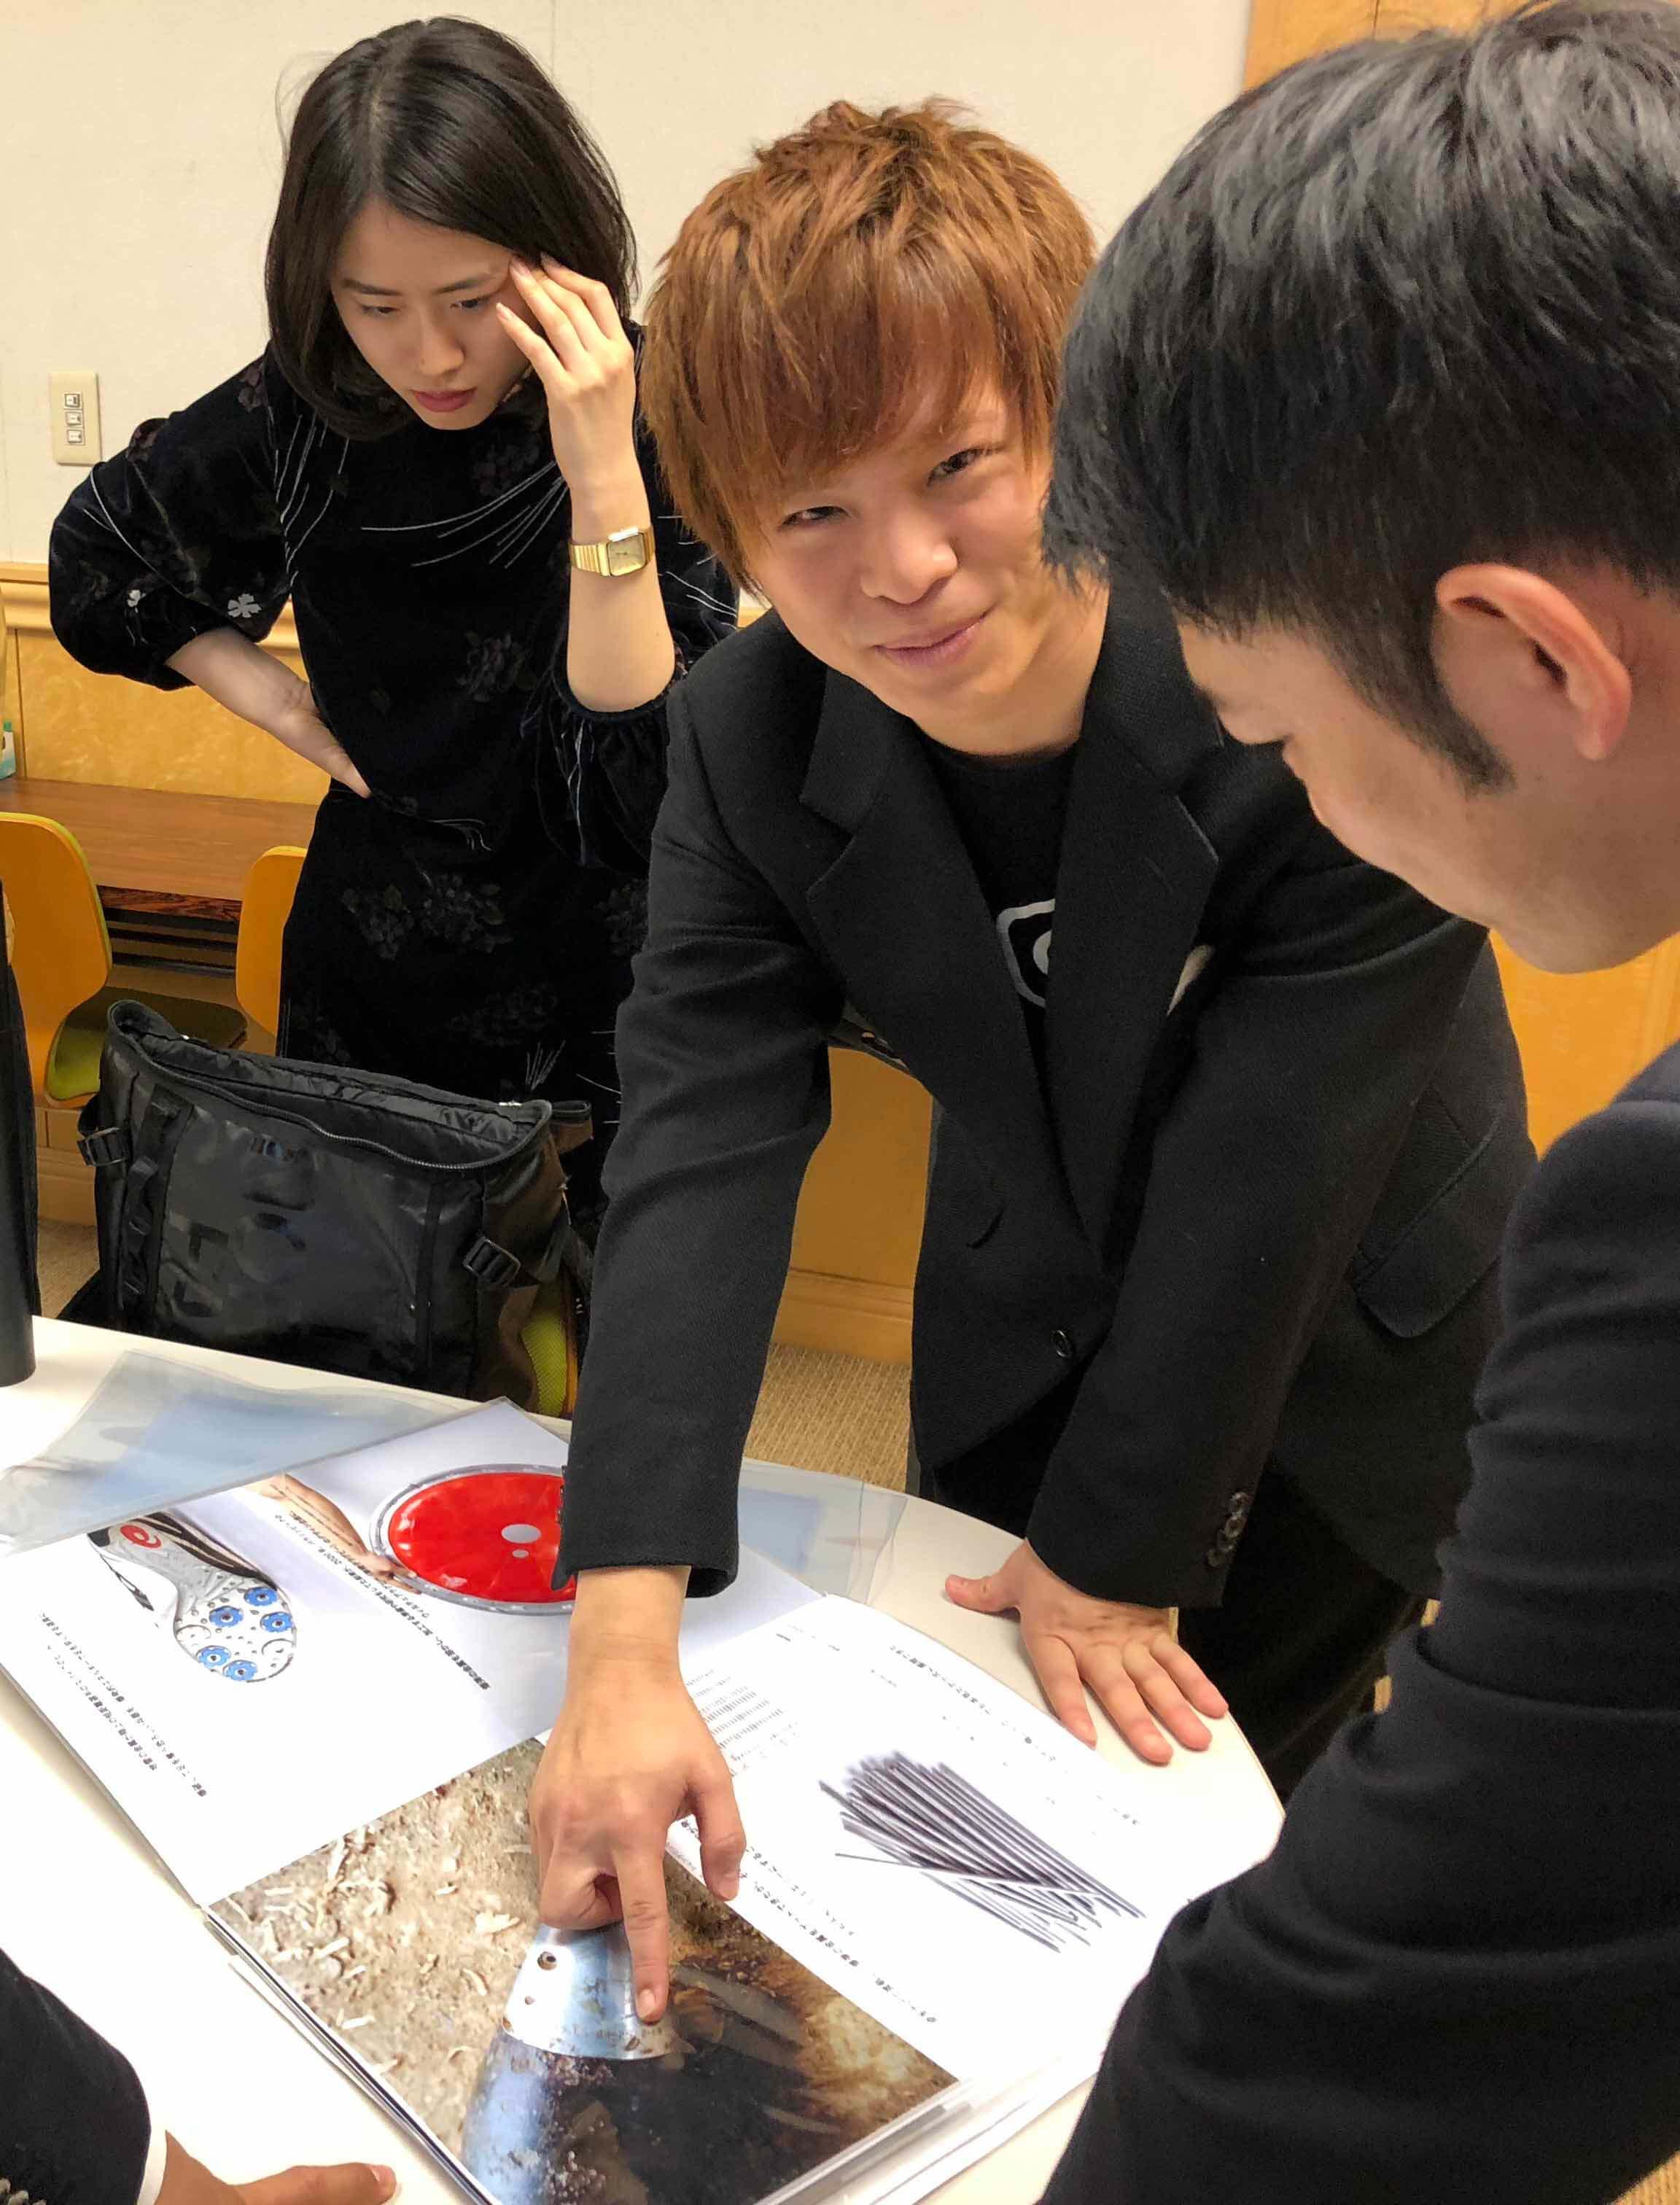 未来を築く若者たちへ「アート&デザイン新世代賞」授賞式